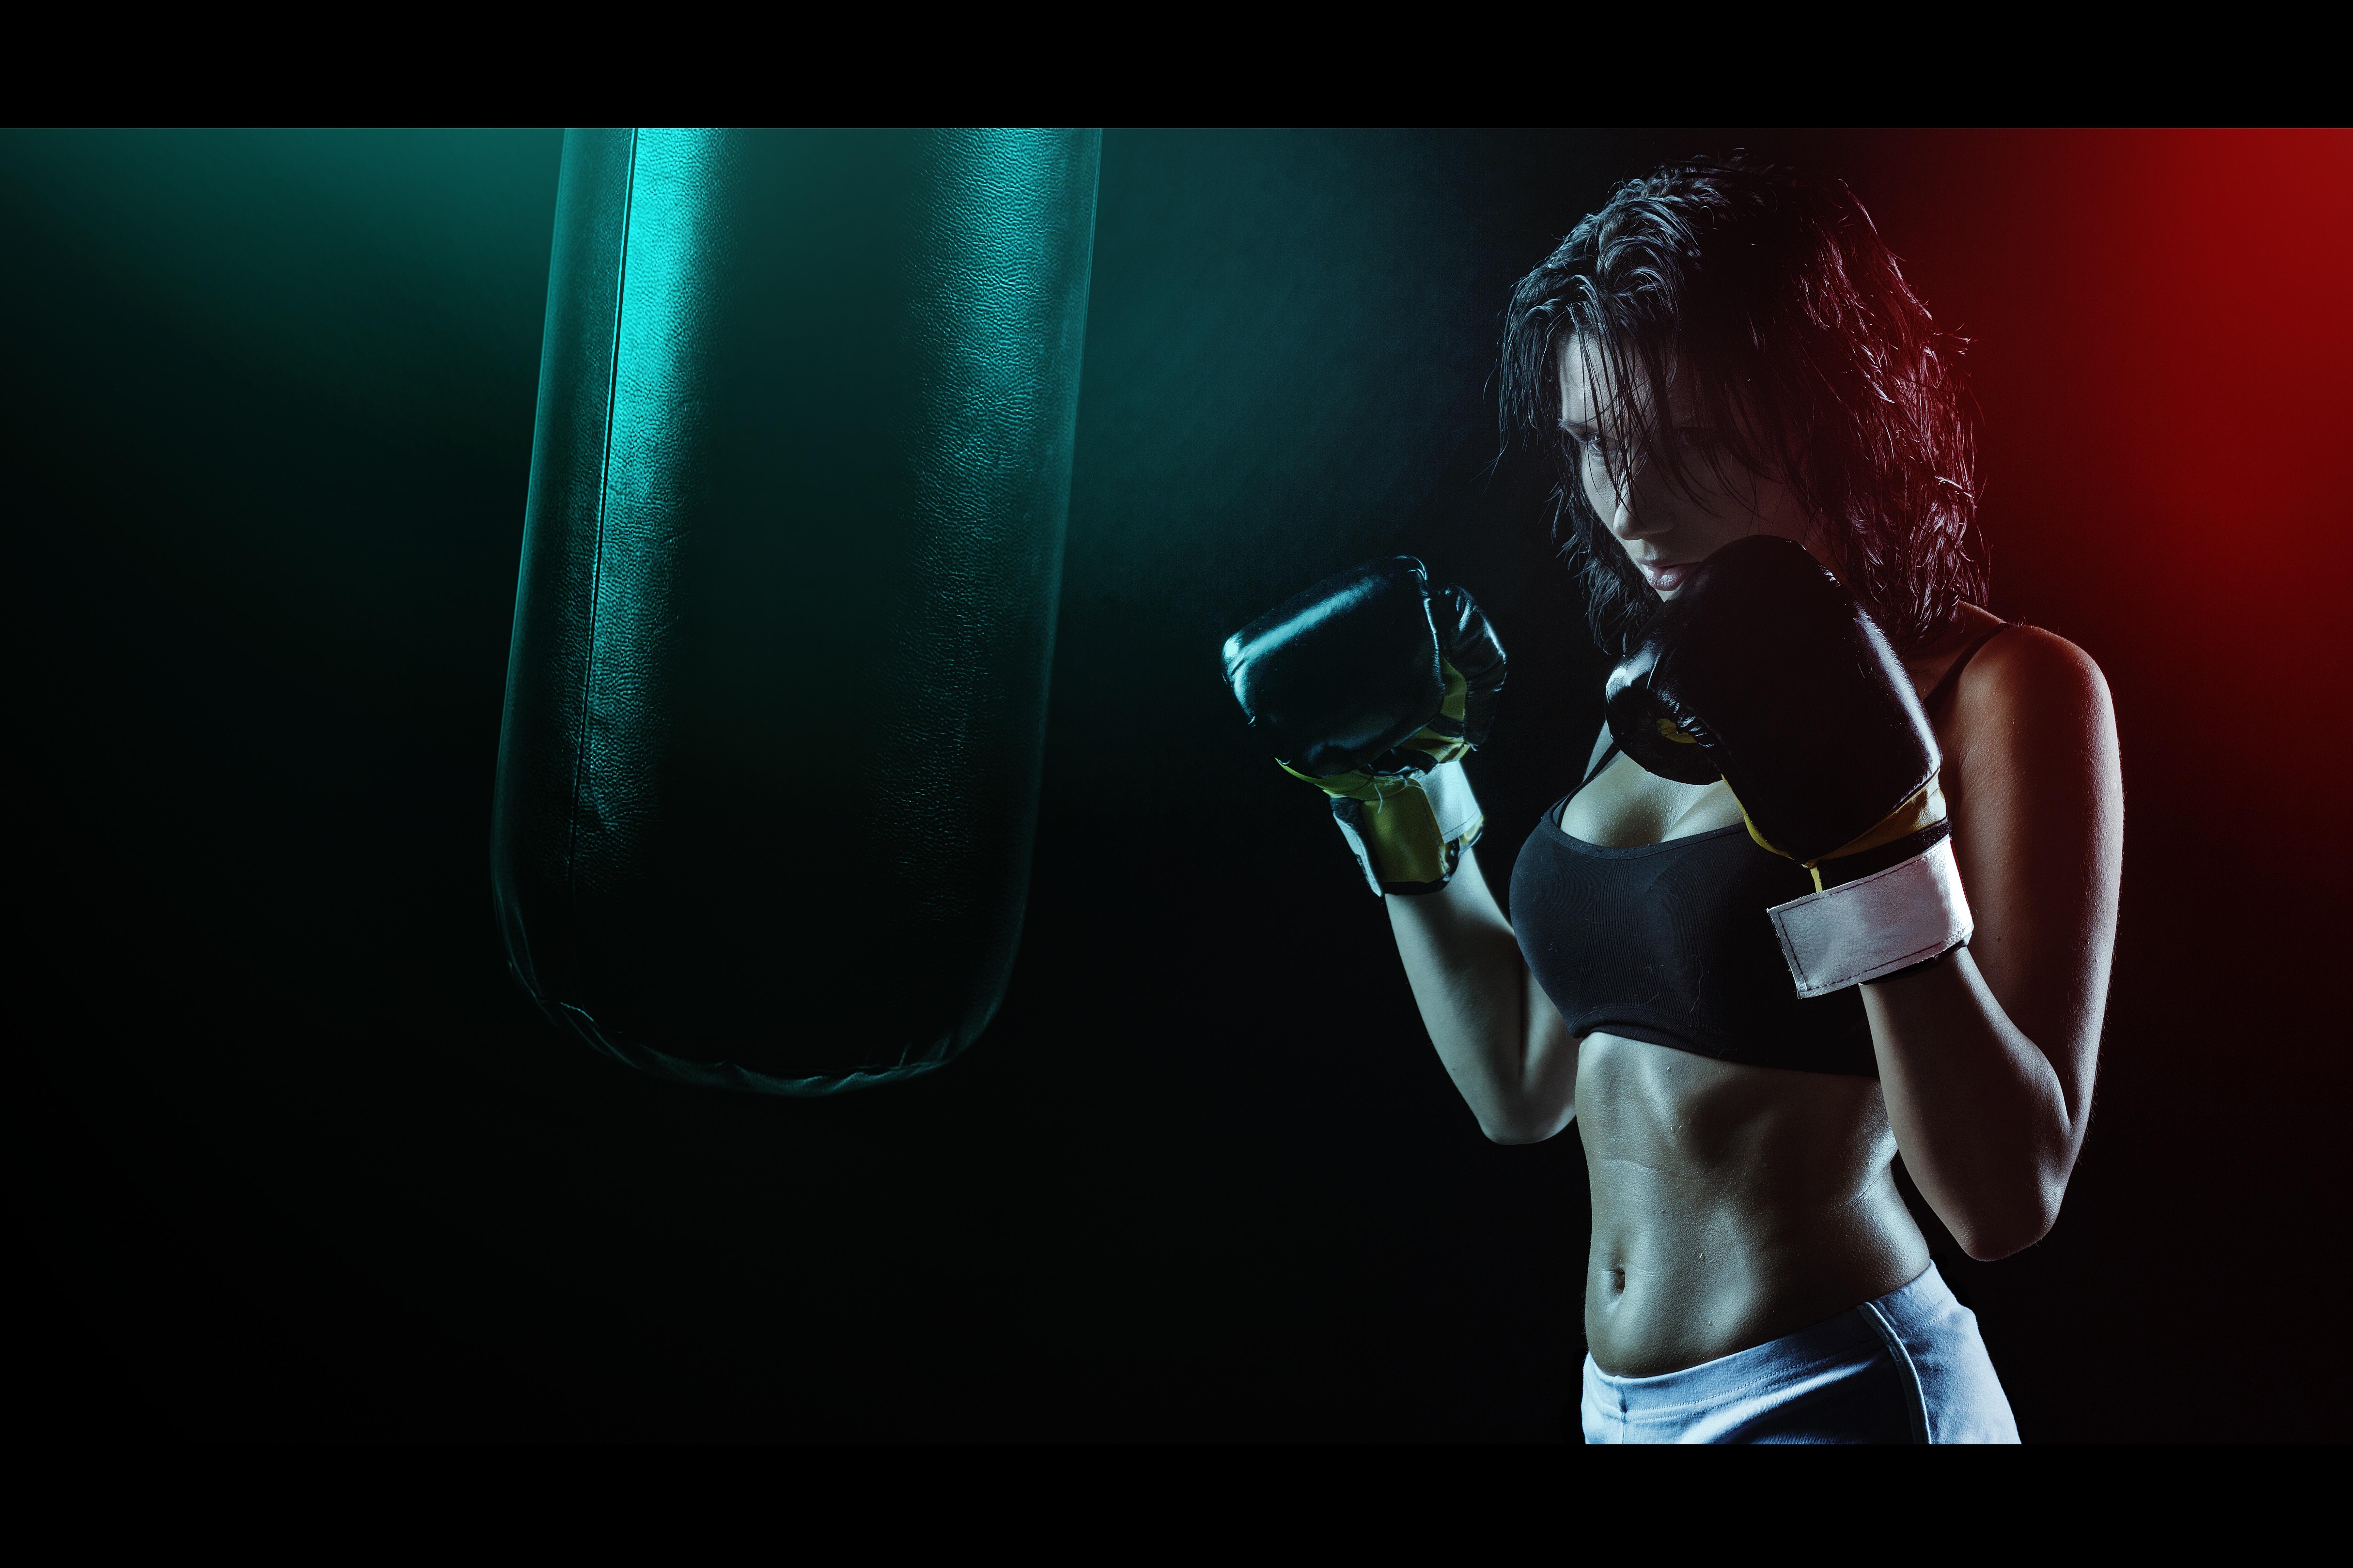 девушка боксерка бесплатно